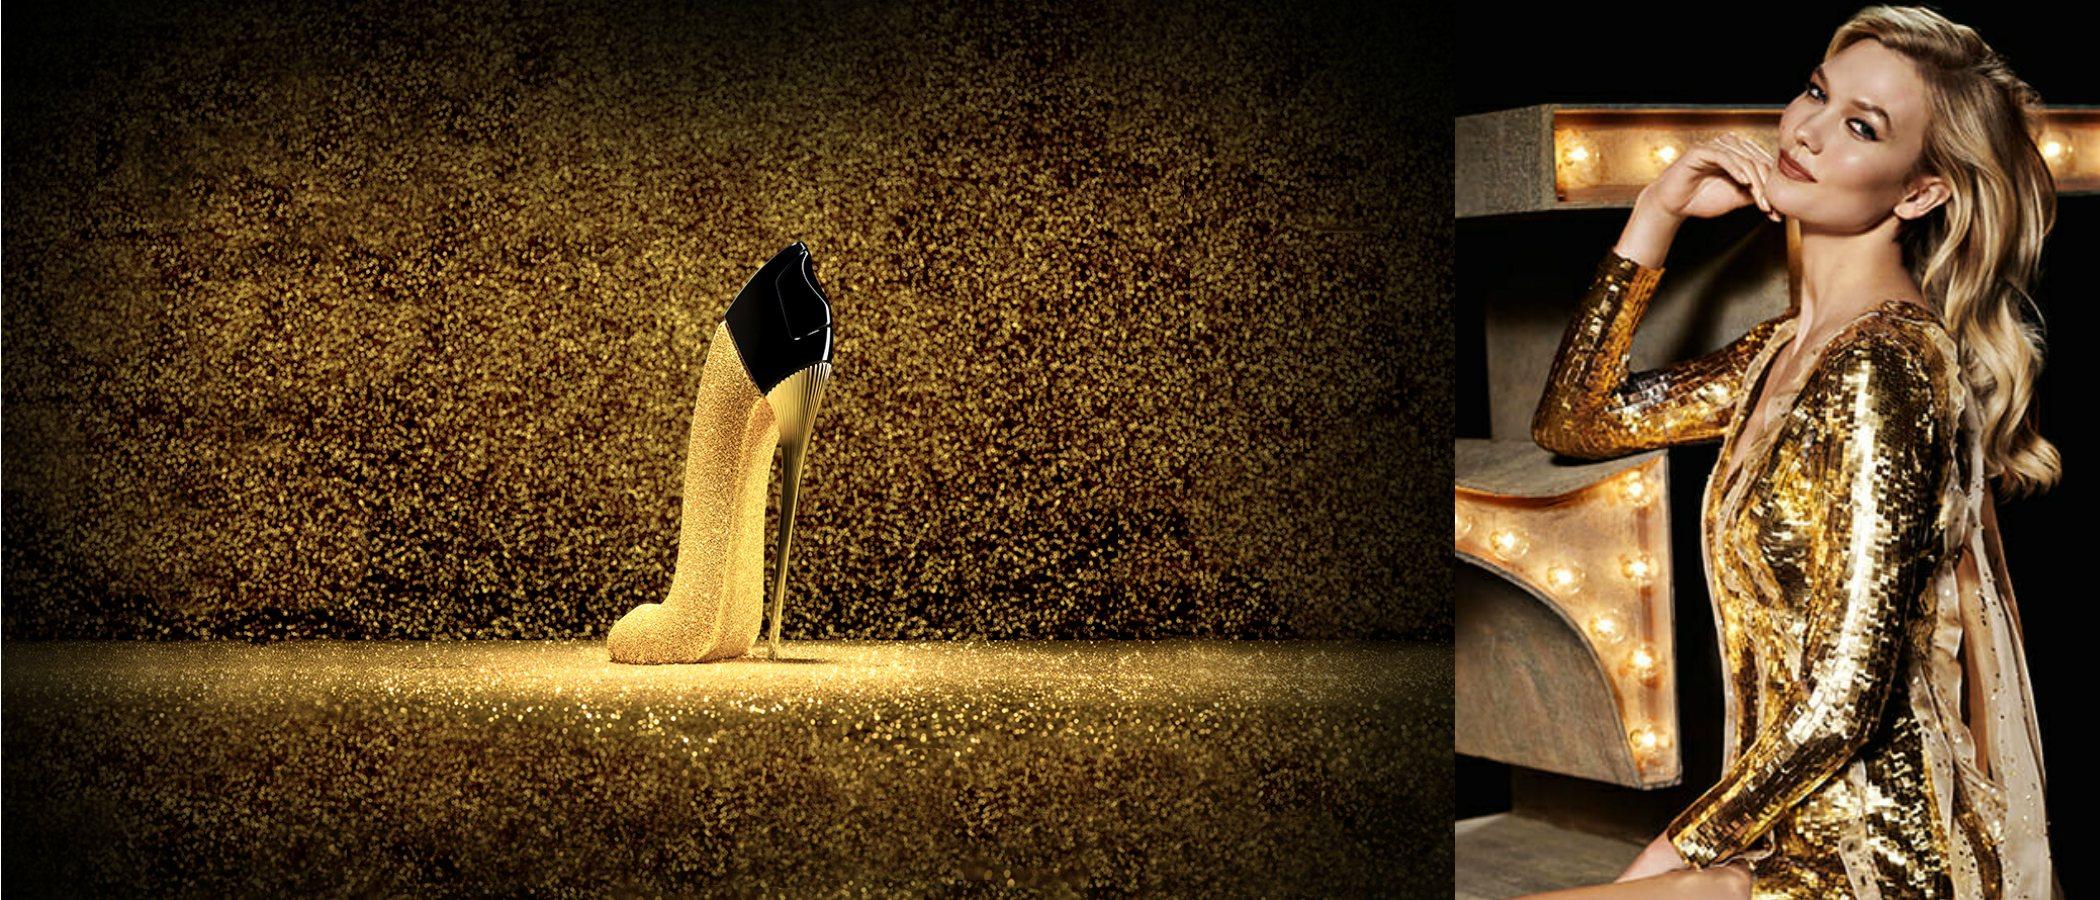 'Good Girl Glorious Gold', la nueva edición coleccionista en glitter dorado del perfume de Carolina Herrera